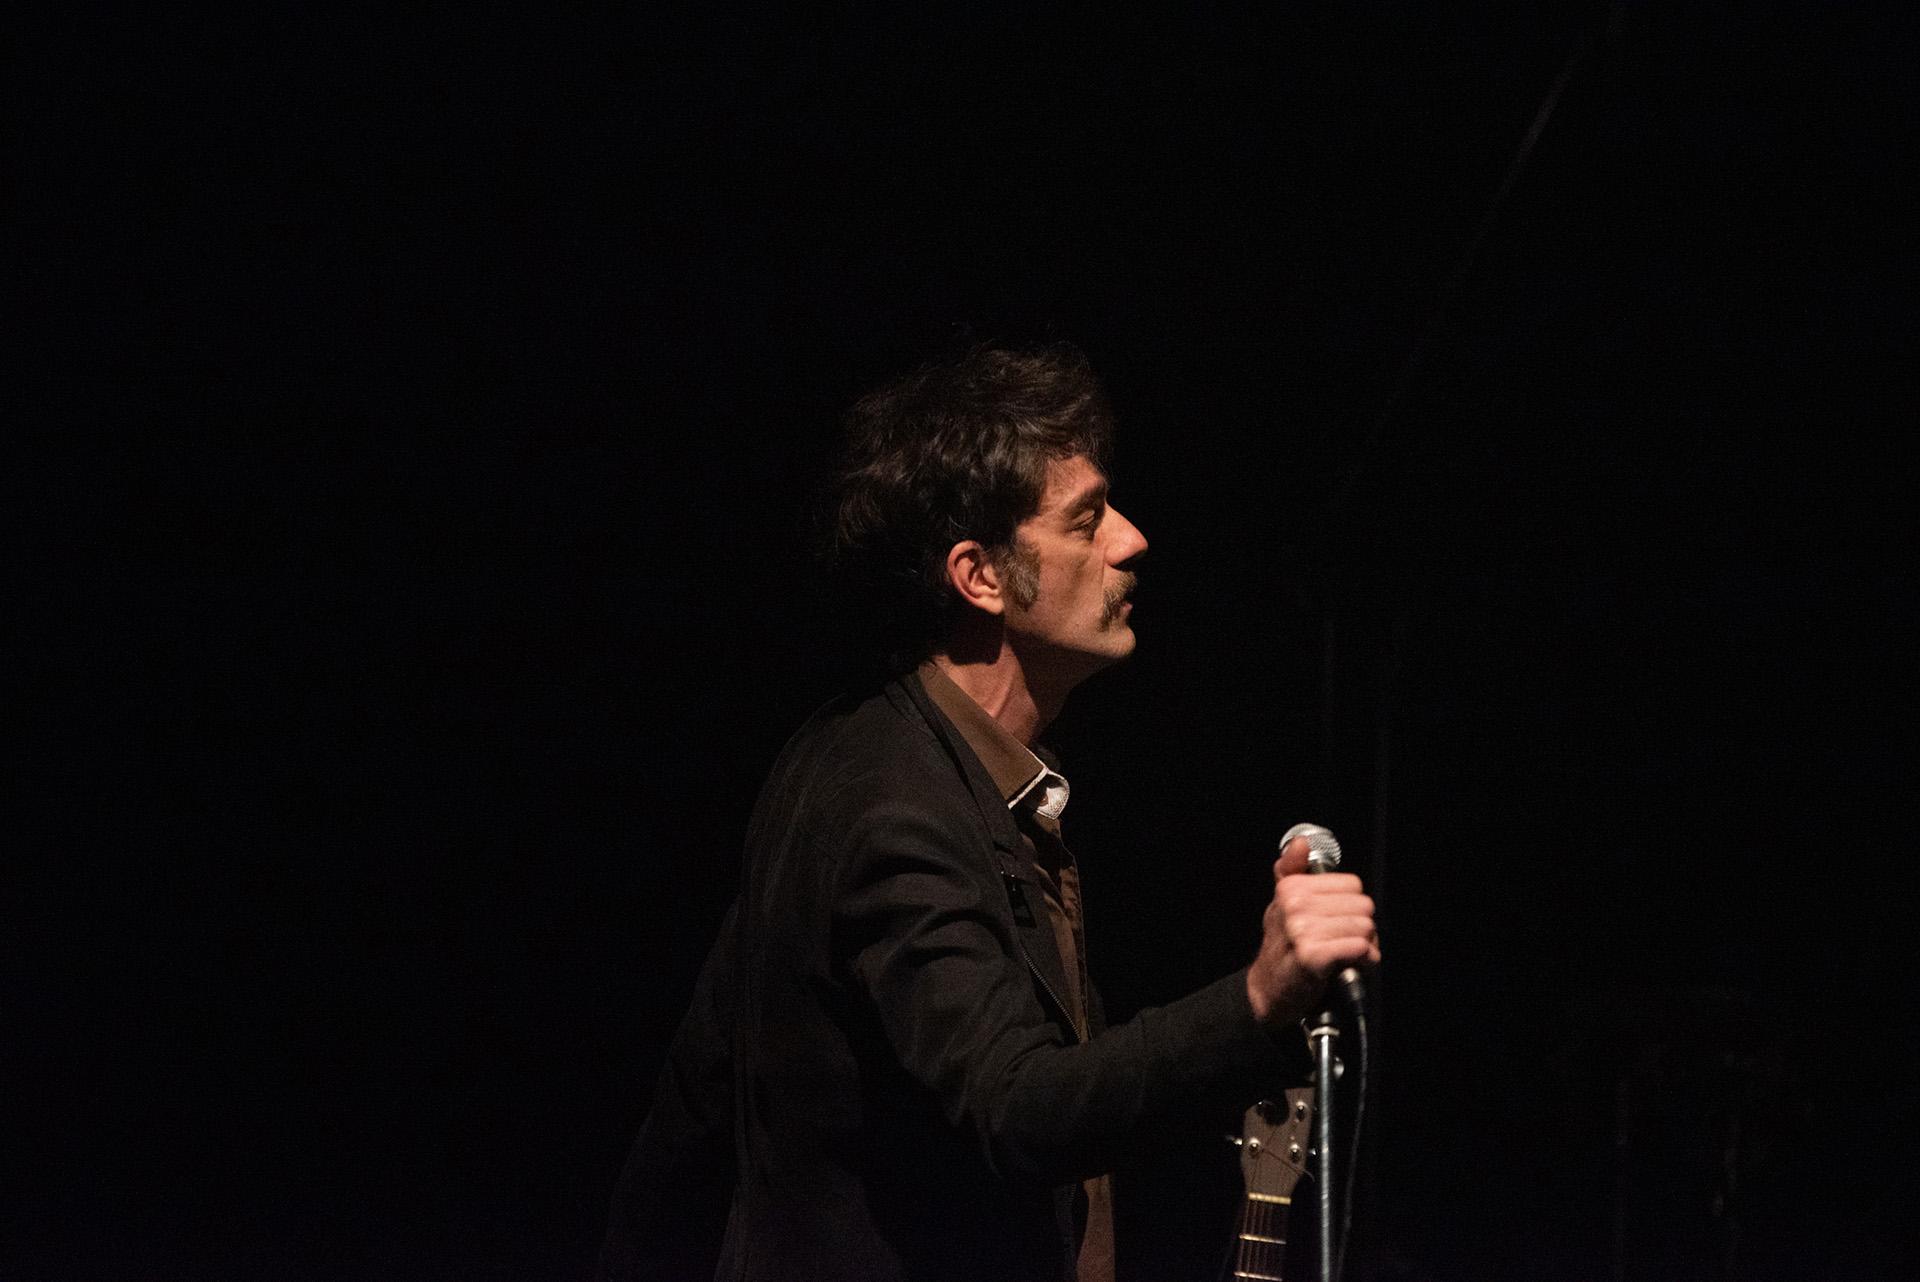 Pablo Dacal, uno de los artistas invitados